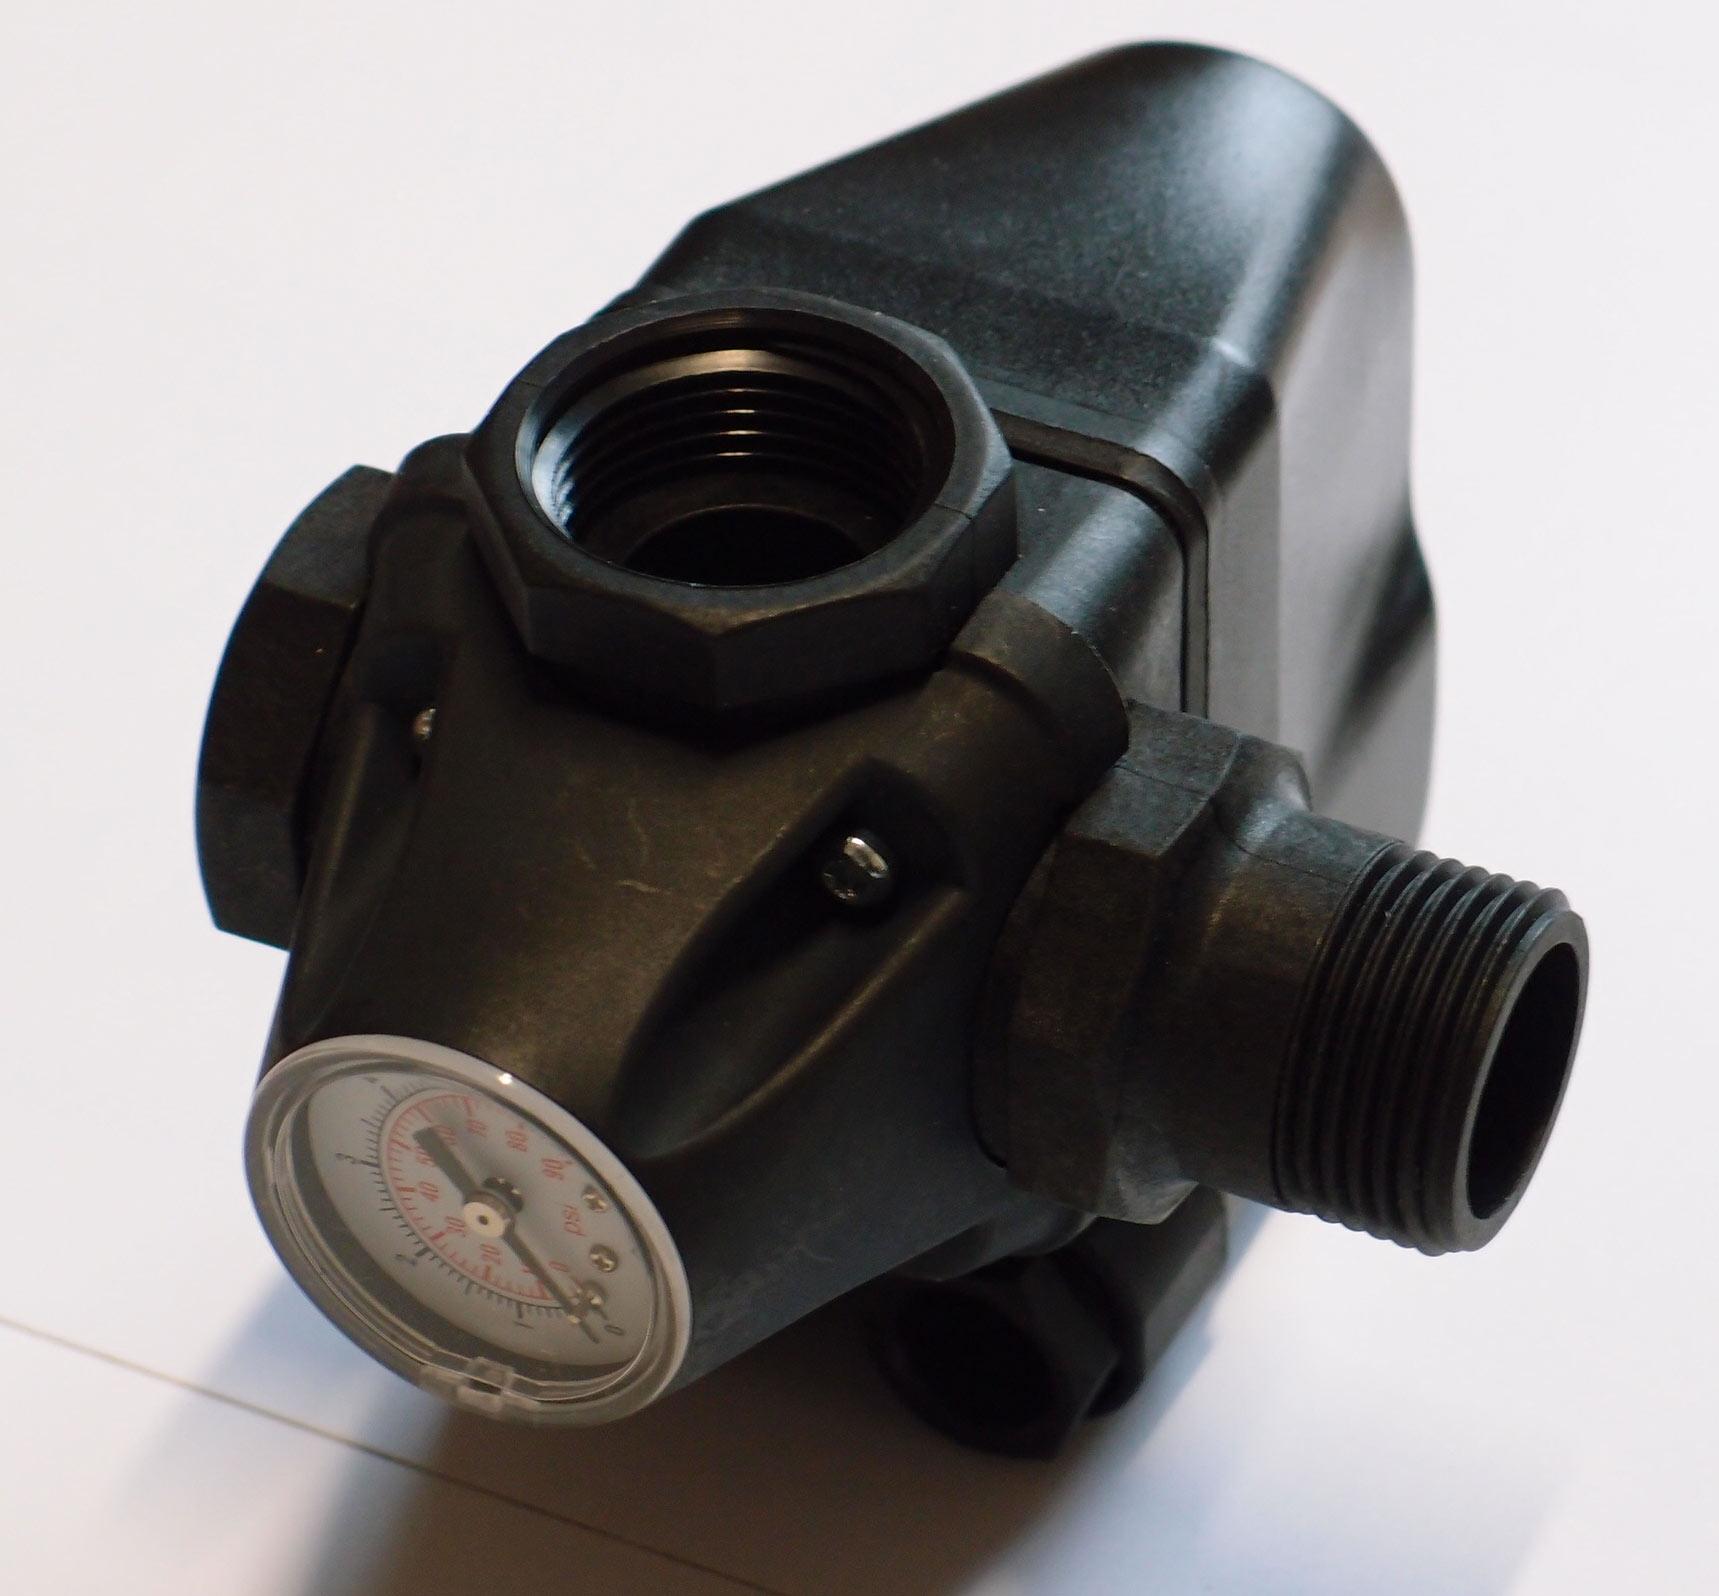 Druckschalter PM 5 3 W 1-5 bar für Hauswasserwerk oder Gartenpumpe